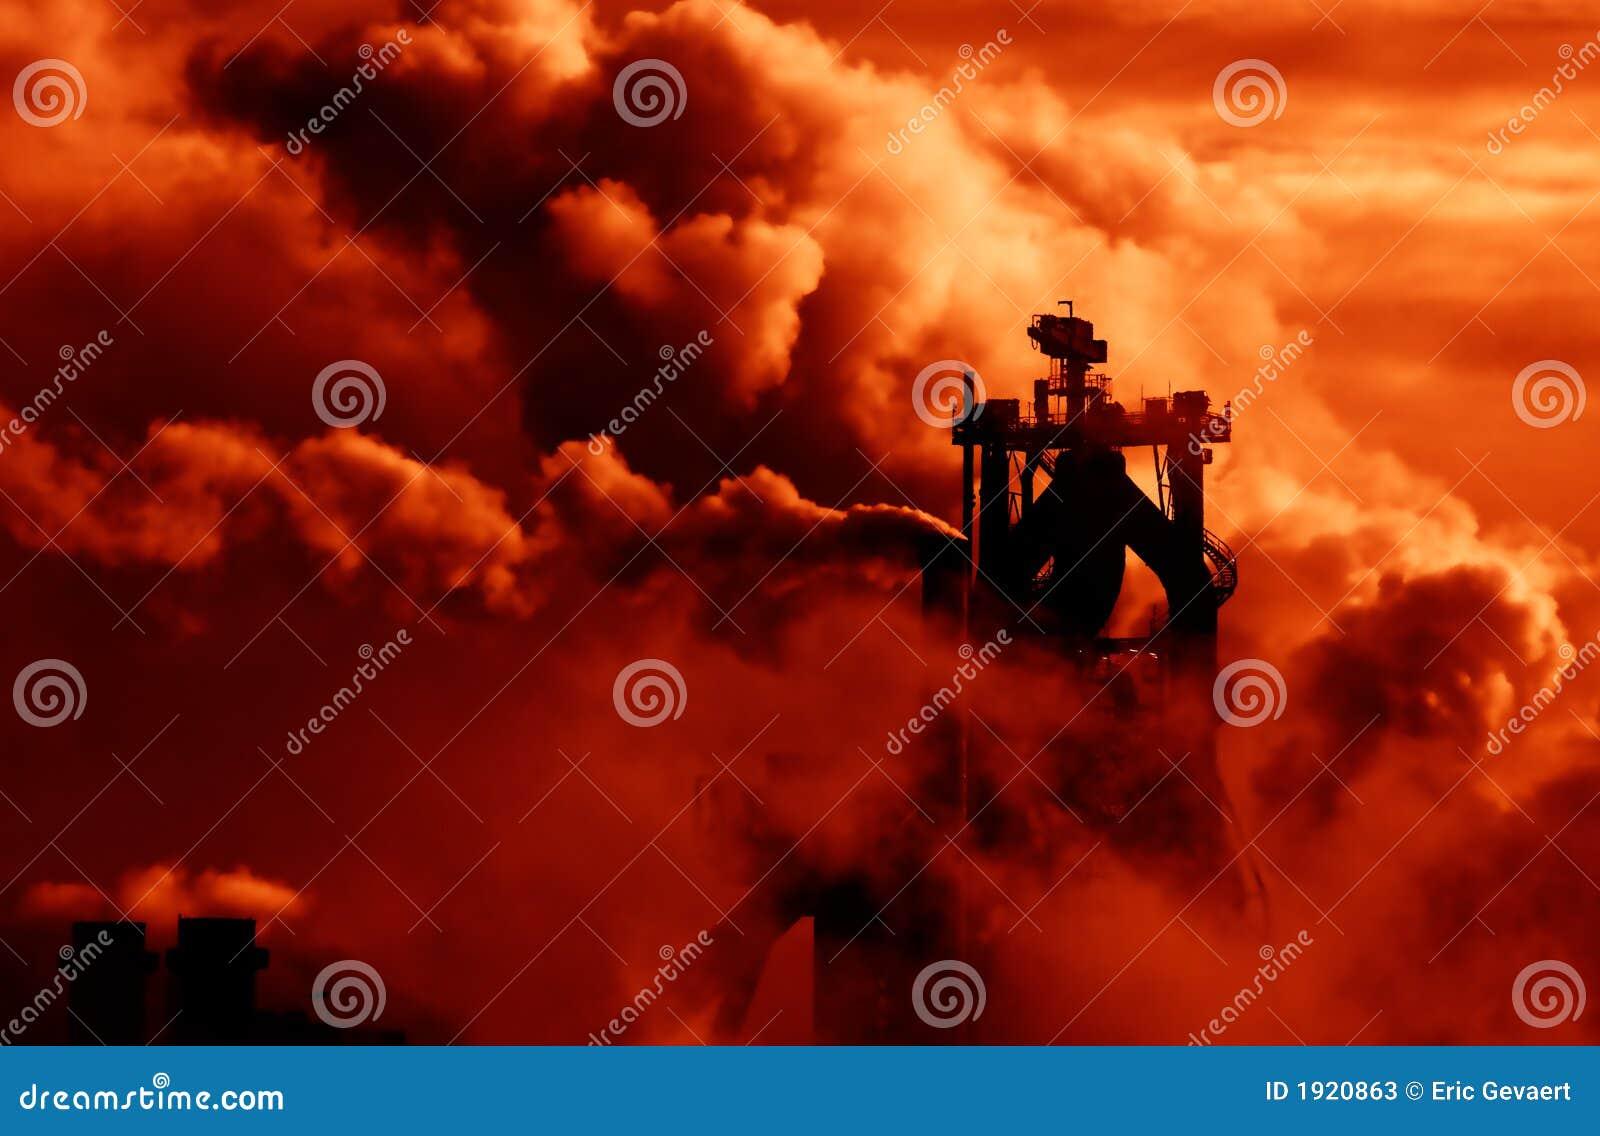 Fumo industrial